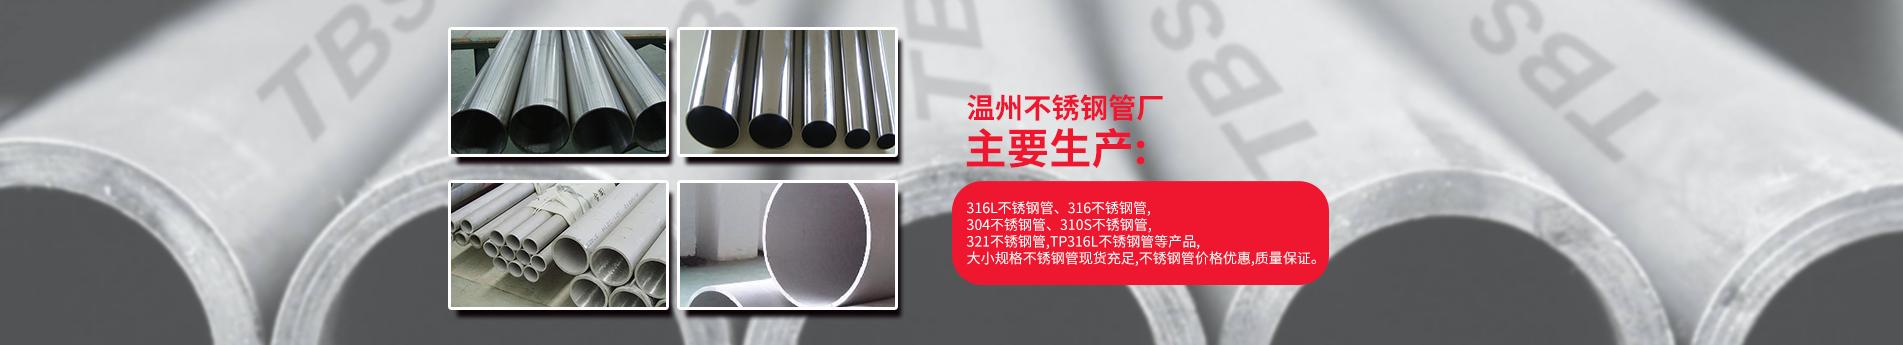 浙江温州321不锈钢管厂家主要生产焊接、无缝 2520不锈钢管,2507双相不锈钢管,304卫生级无缝管,316L不锈钢换热管,精密管,圆管,方管,矩形管等。